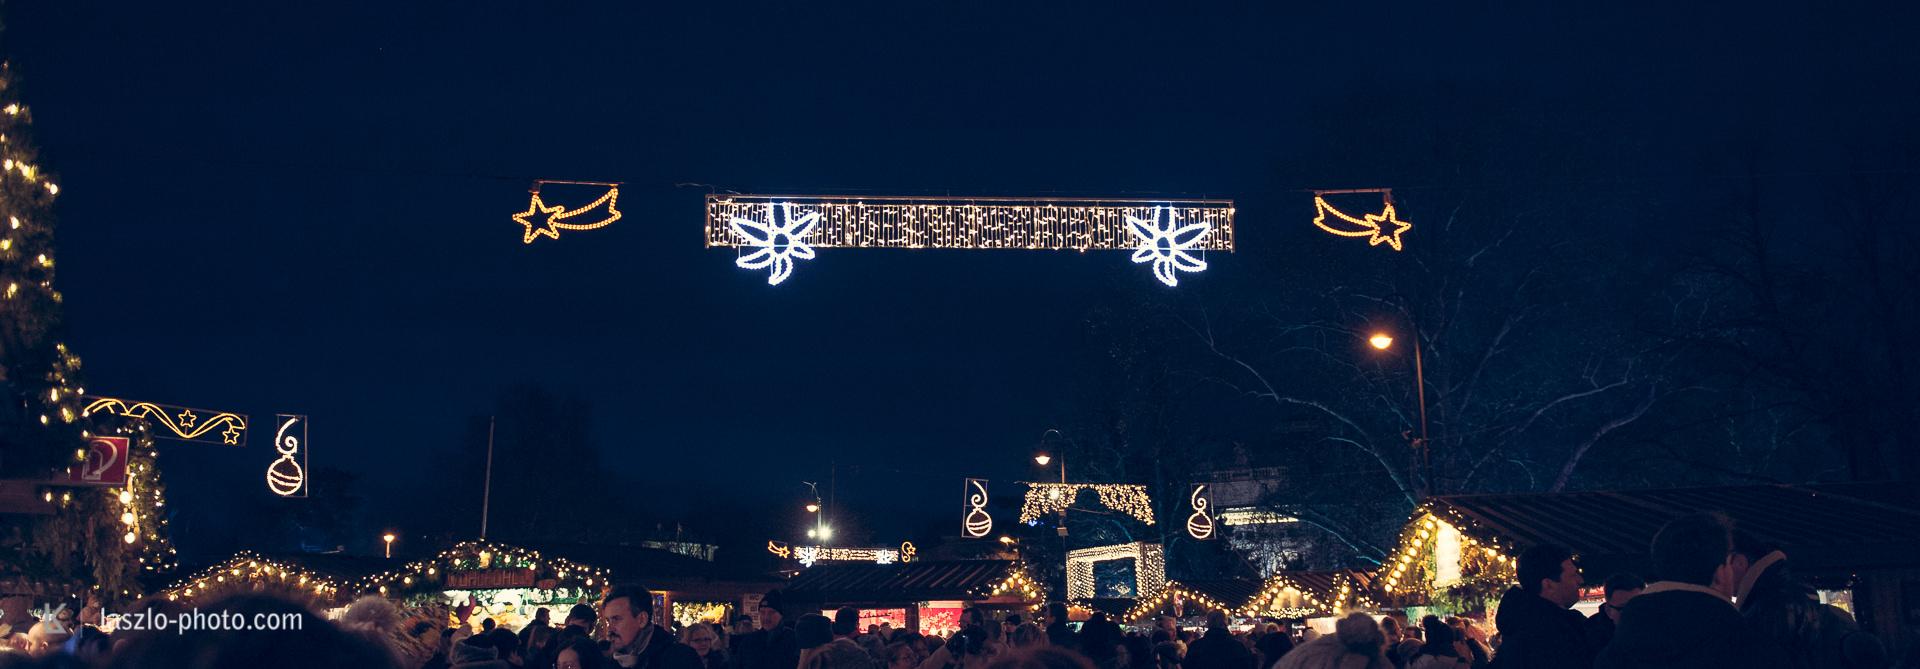 20161209_Weihnachten_Christkindlmarkt-4739